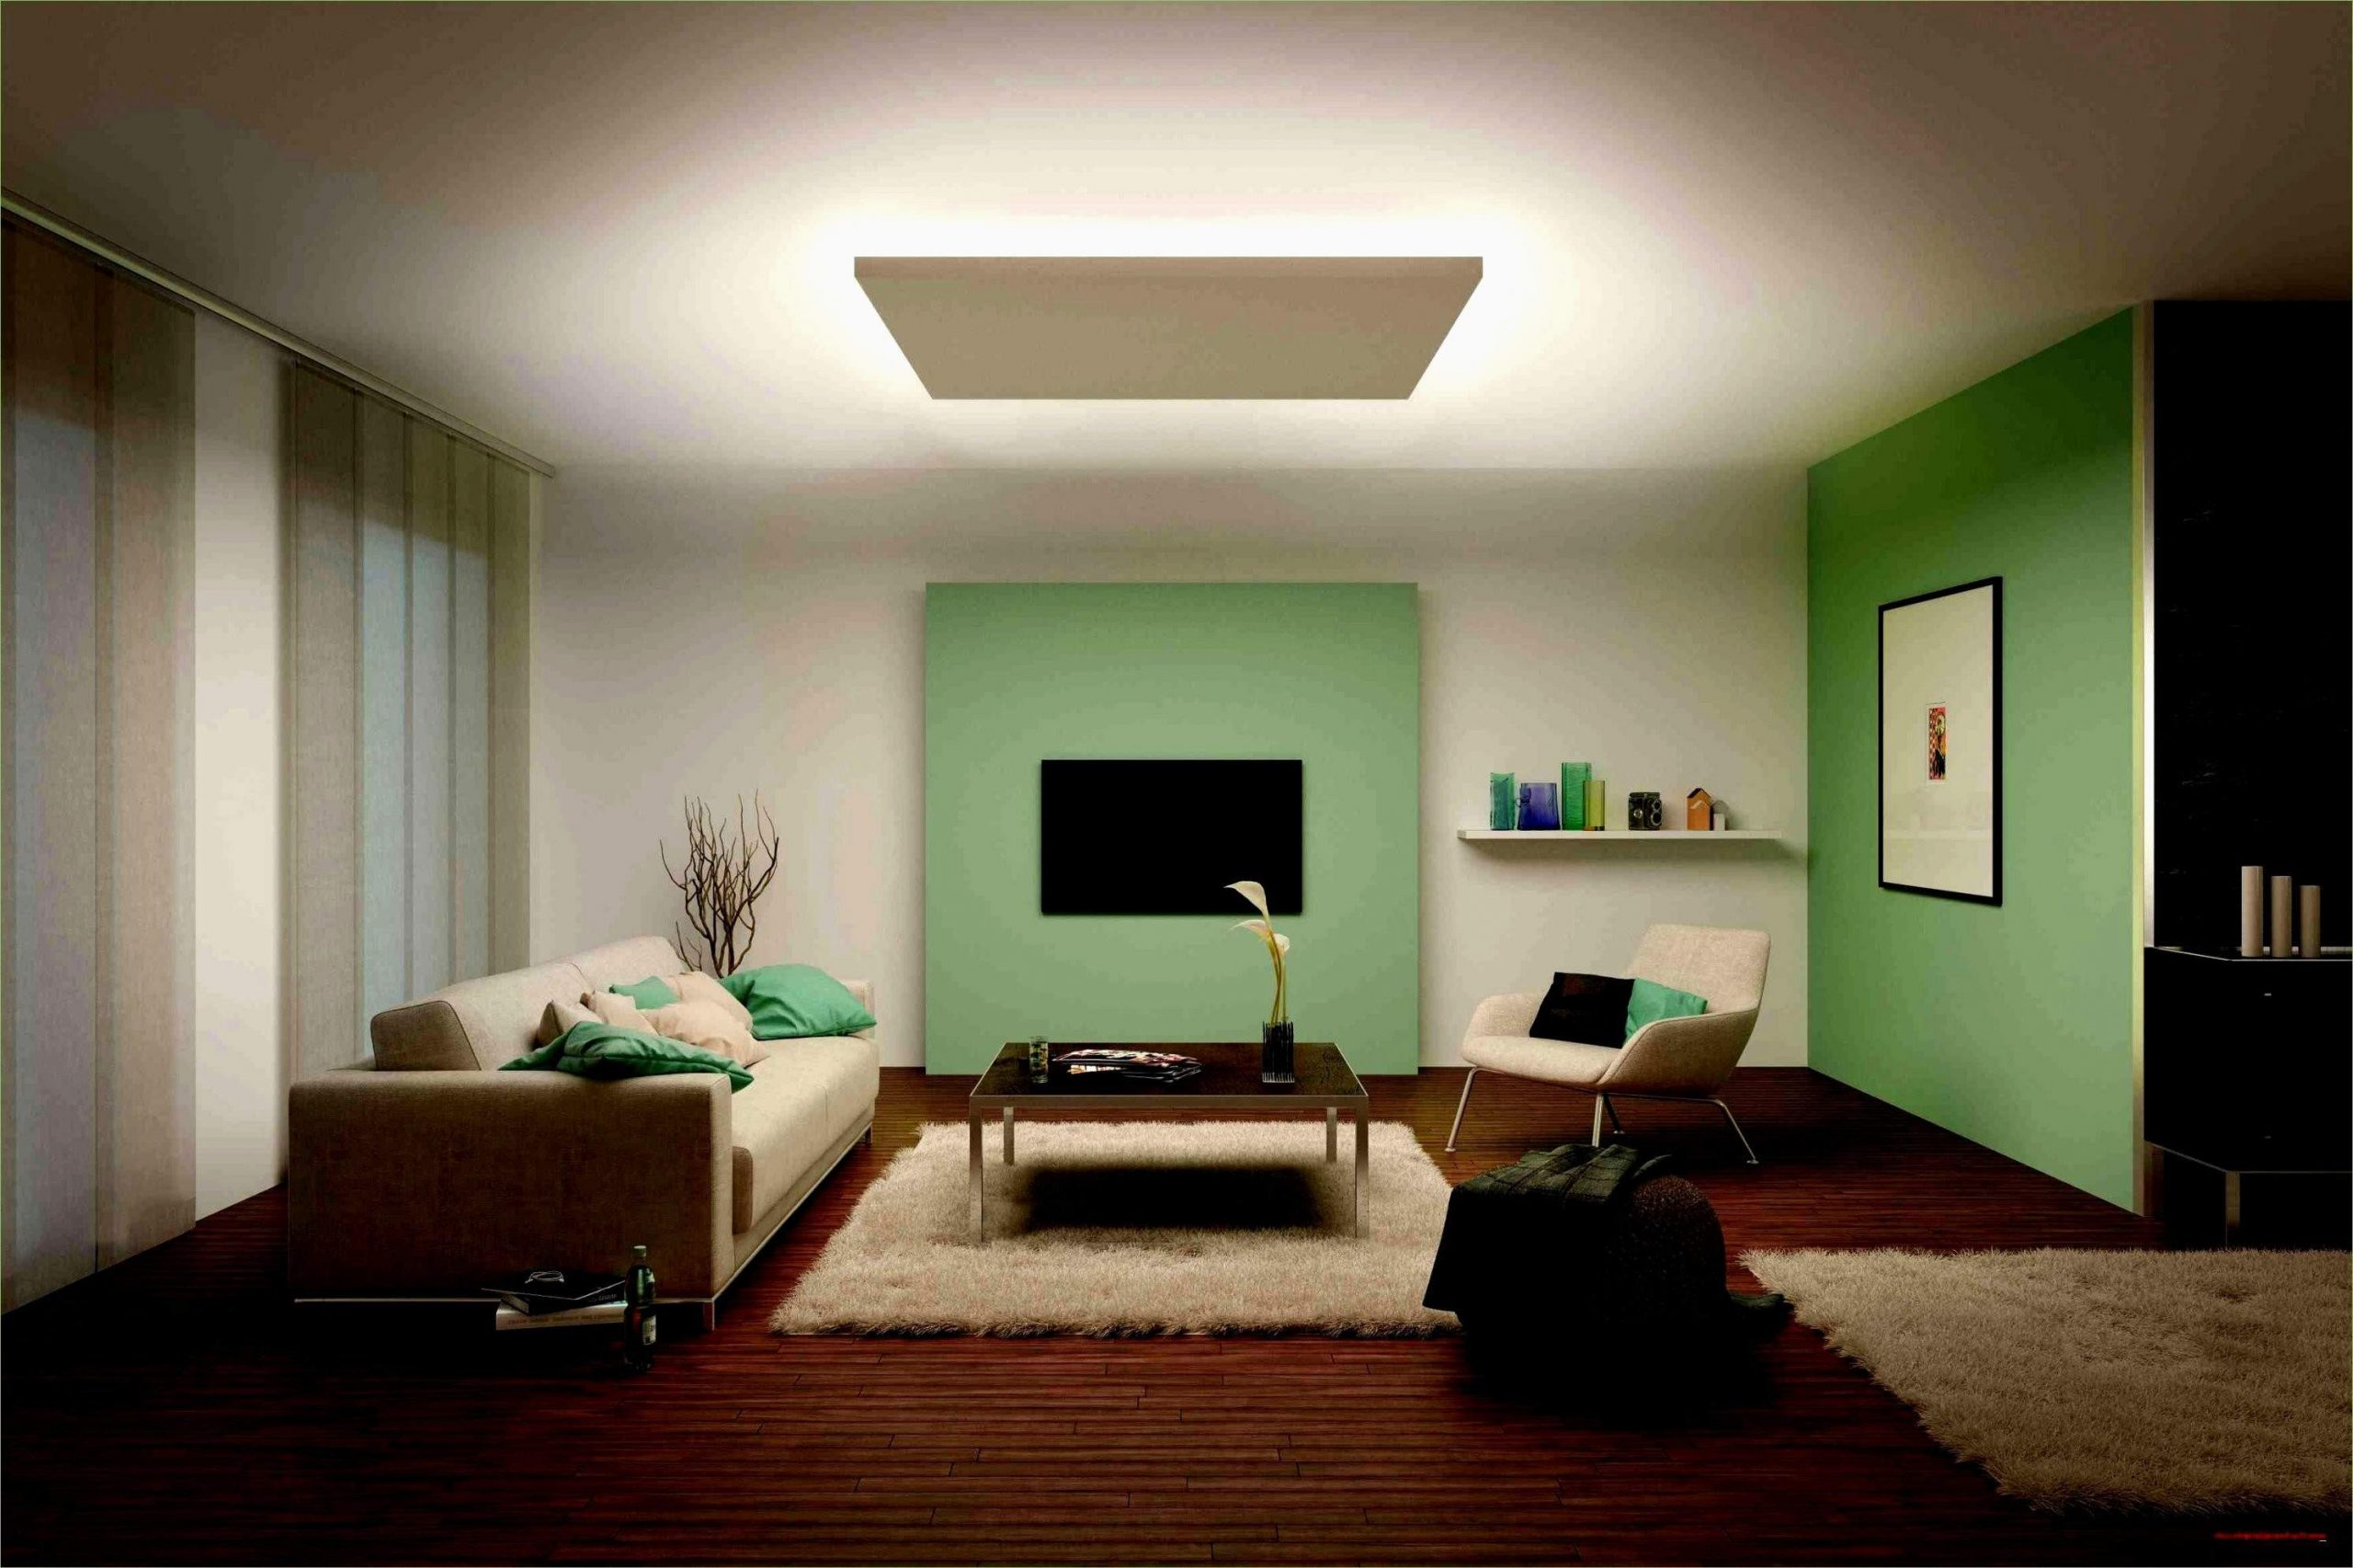 Full Size of Wohnzimmer Lampen Modern Günstig Deckenlampen Wohnzimmer Modern Moderne Deckenlampen Wohnzimmer Lampen Für Wohnzimmer Modern Wohnzimmer Deckenlampen Wohnzimmer Modern